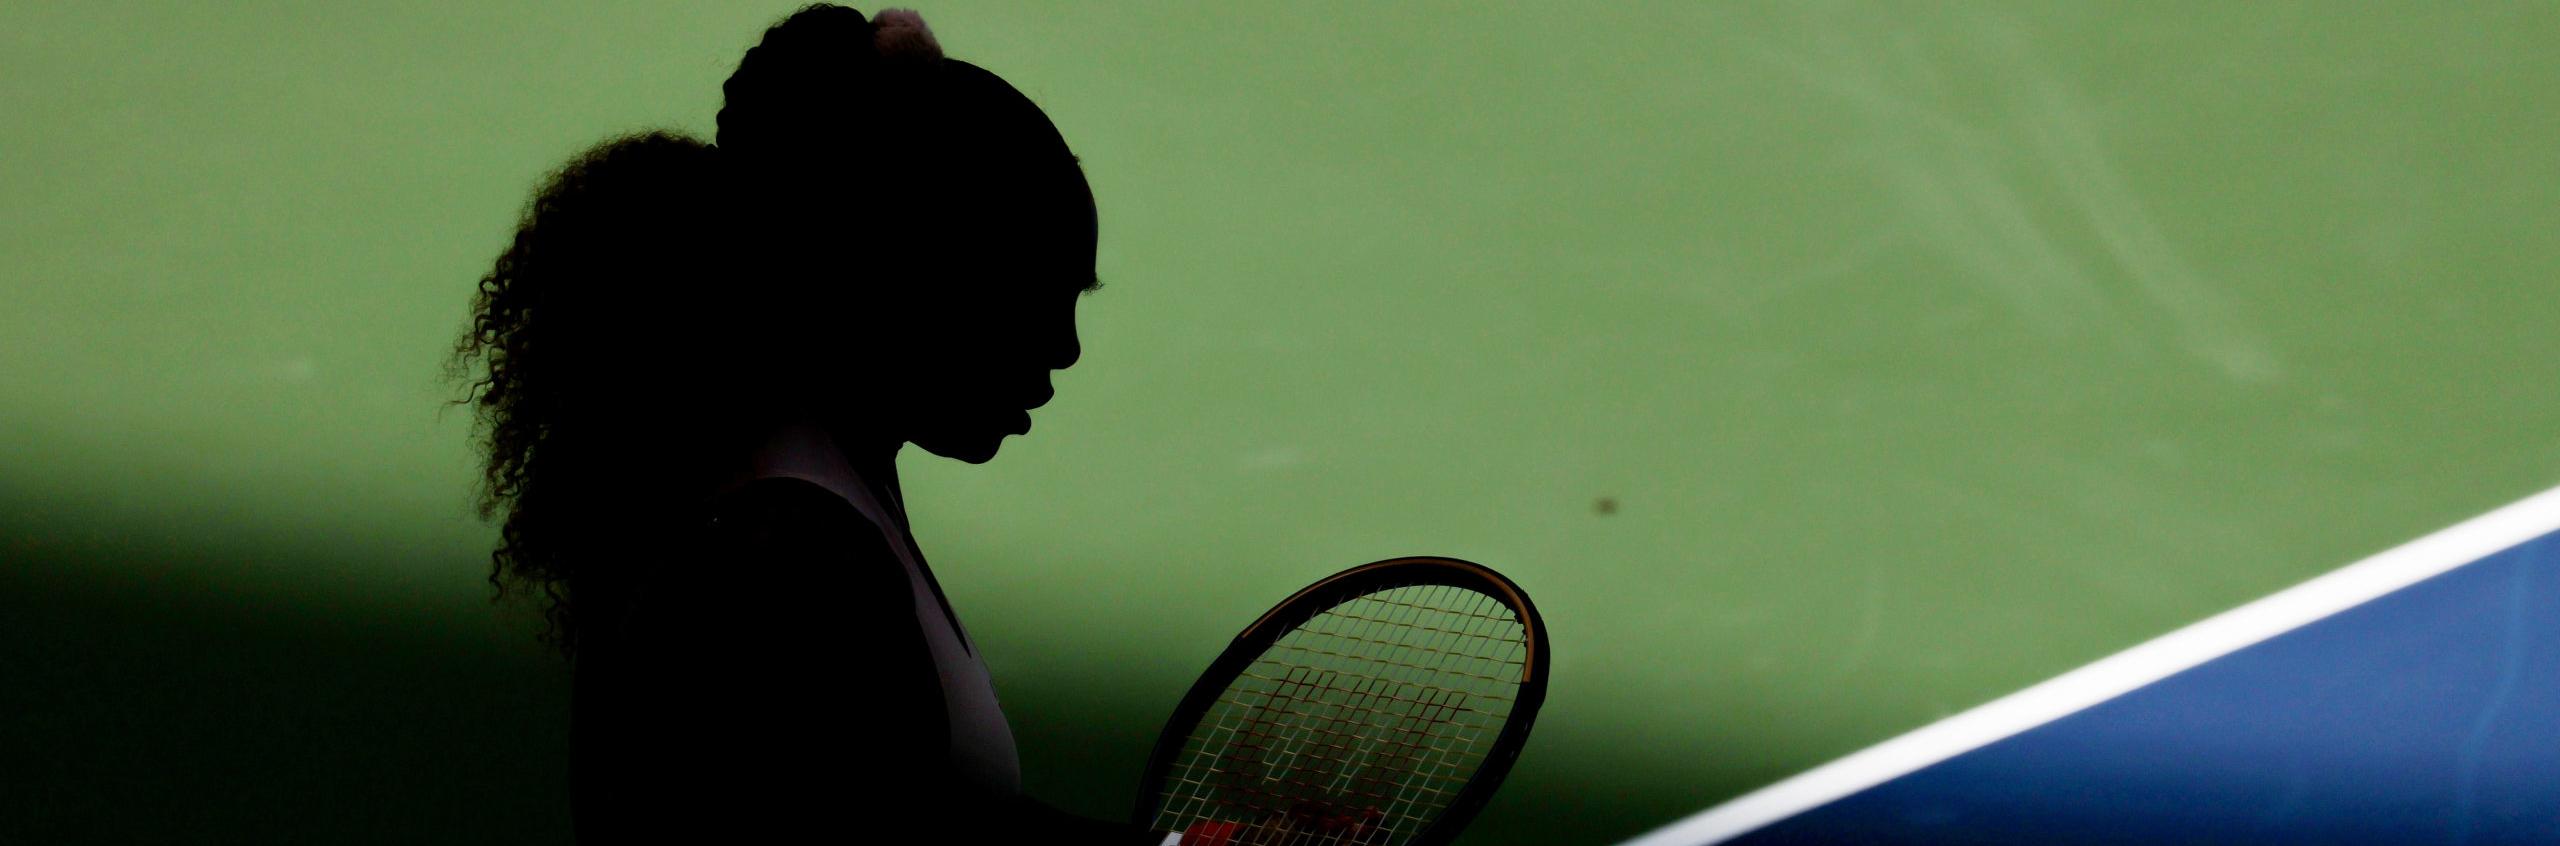 Pronostici e quote US Open: Serena per l'ennesima semifinale, 4 consigli per il day 10